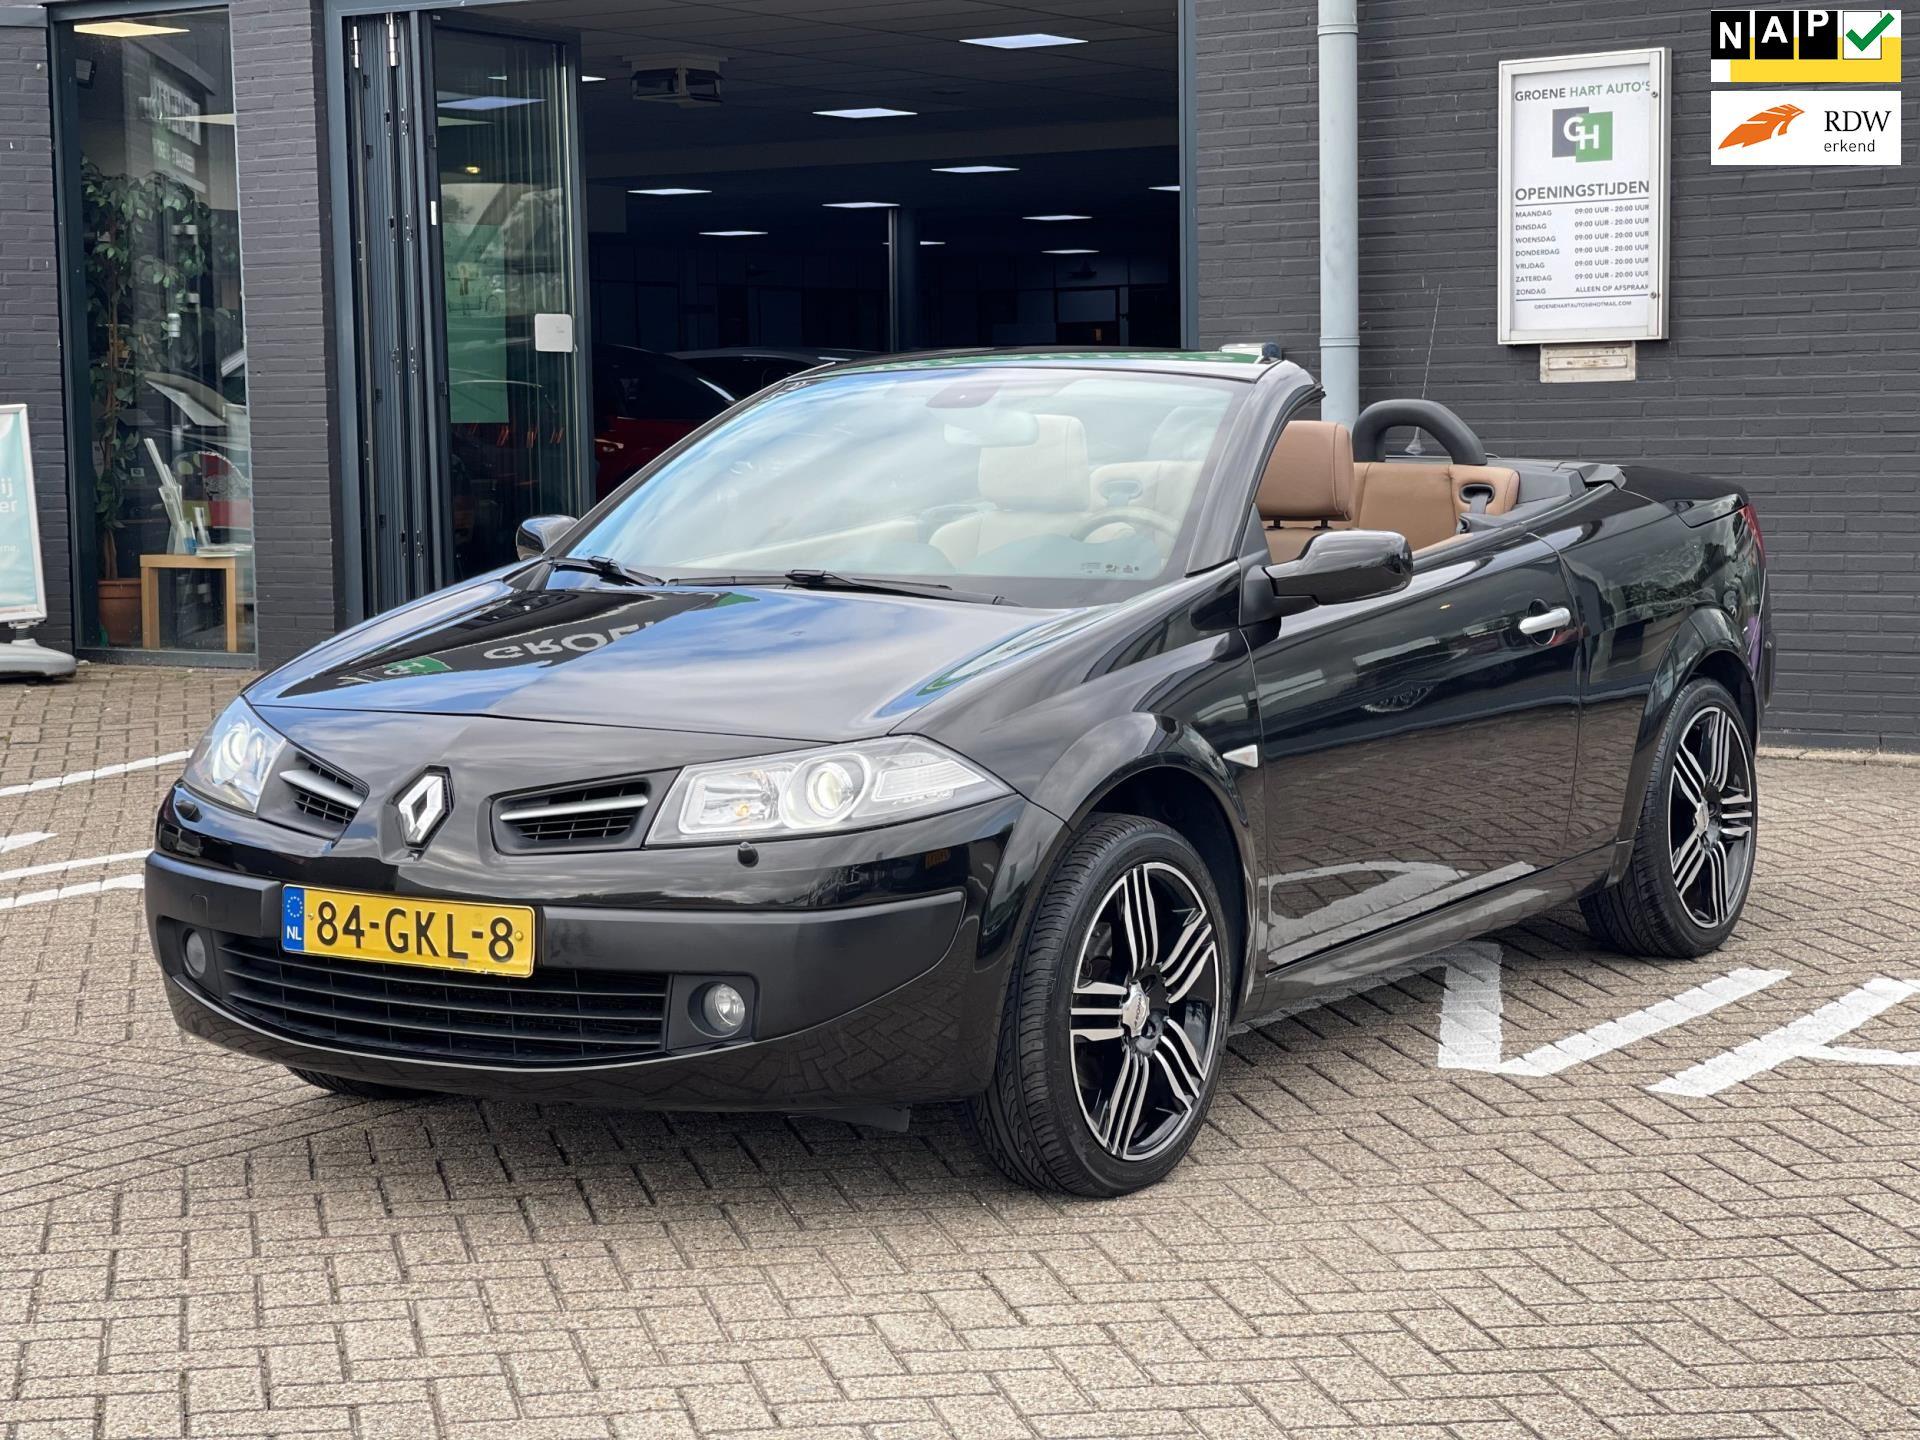 Renault Mégane coupé cabriolet occasion - Groene Hart Auto's